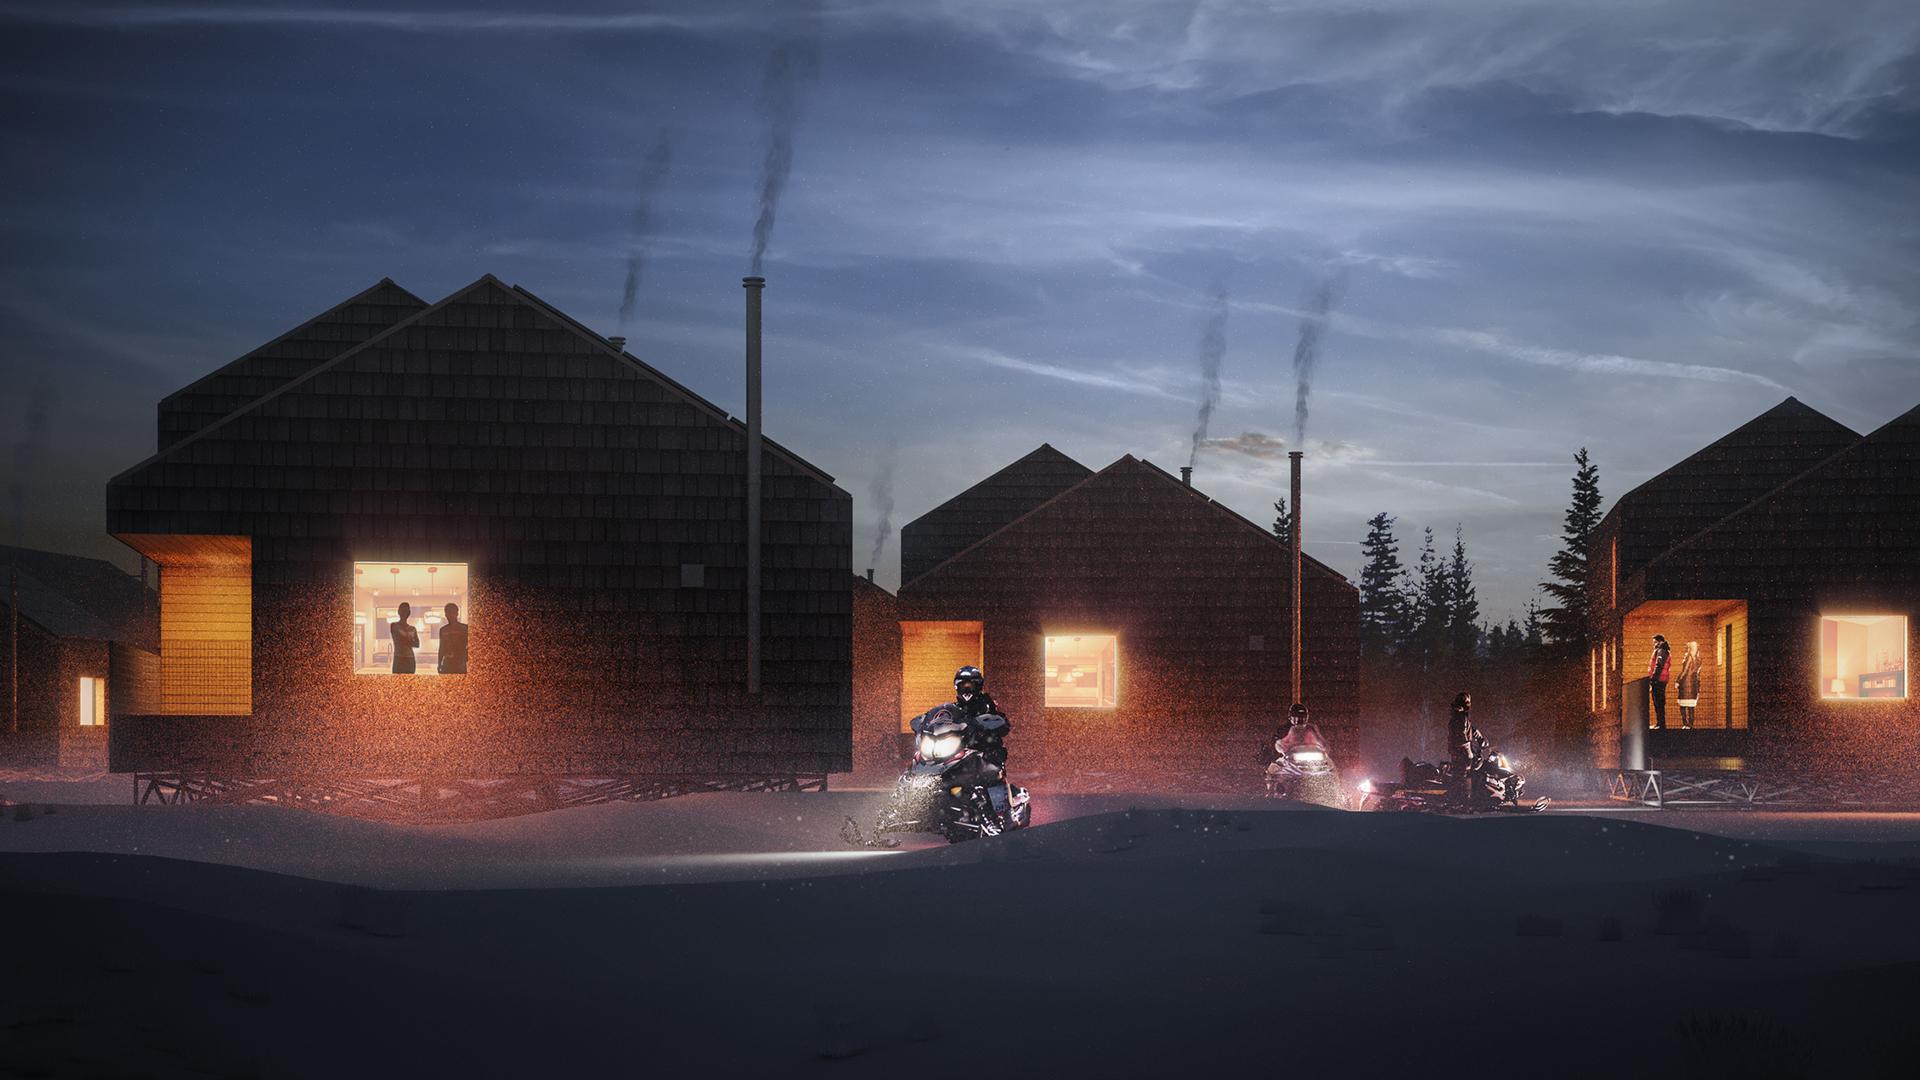 Street light - Light fixture